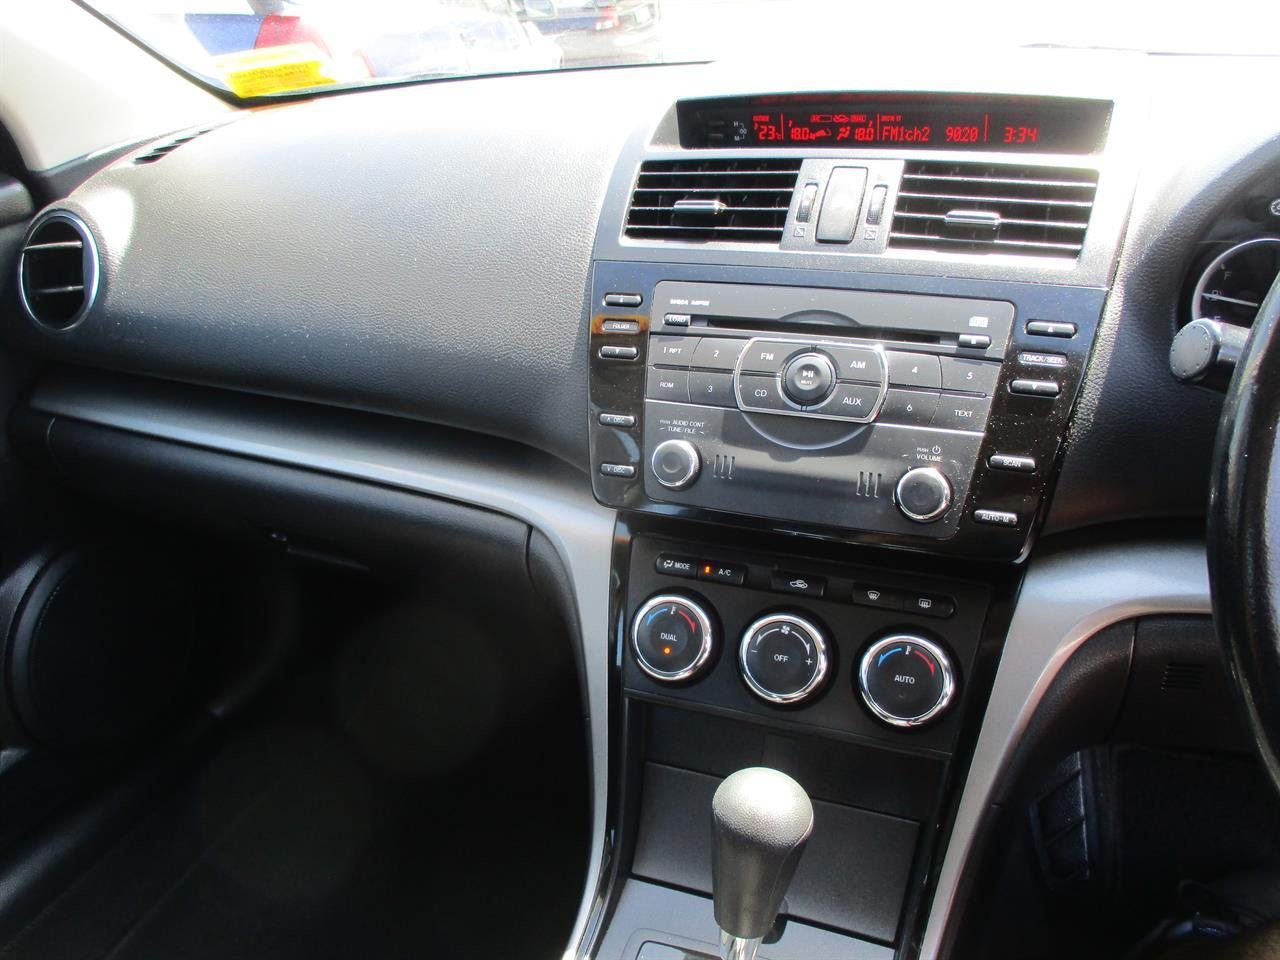 image-17, 2011 Mazda Mazda6 N GLX 2.0 5AT at Dunedin